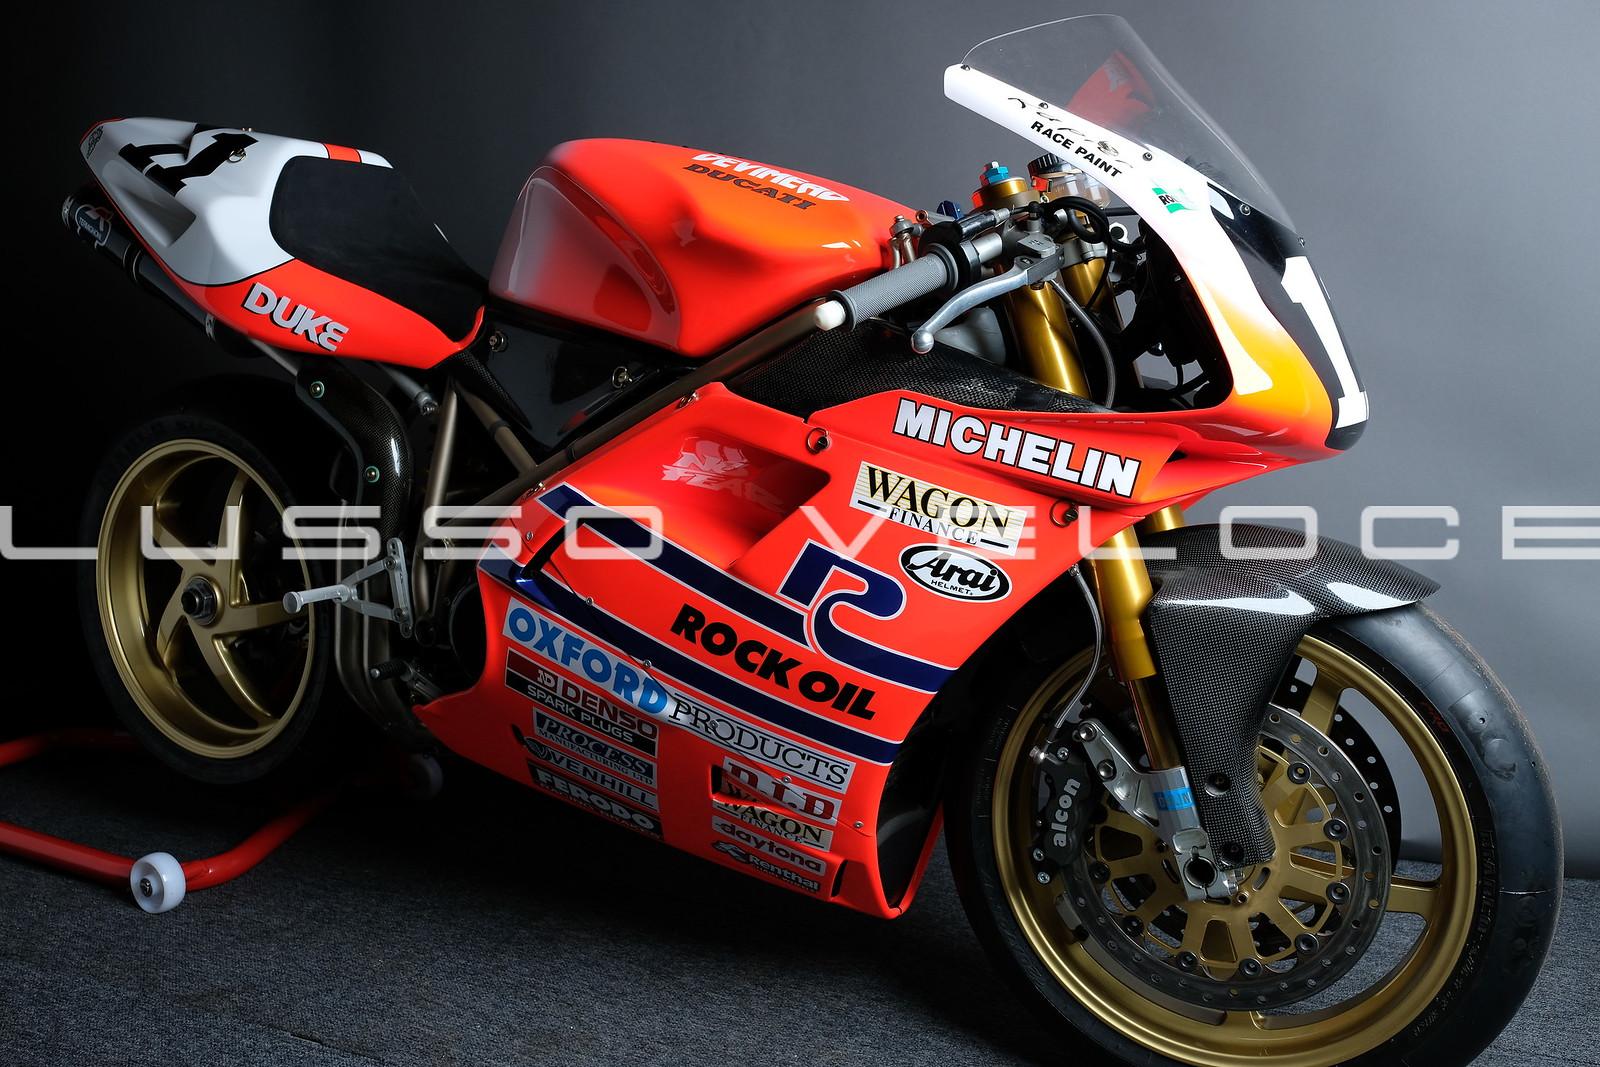 Ex Hislop 955 Ducati